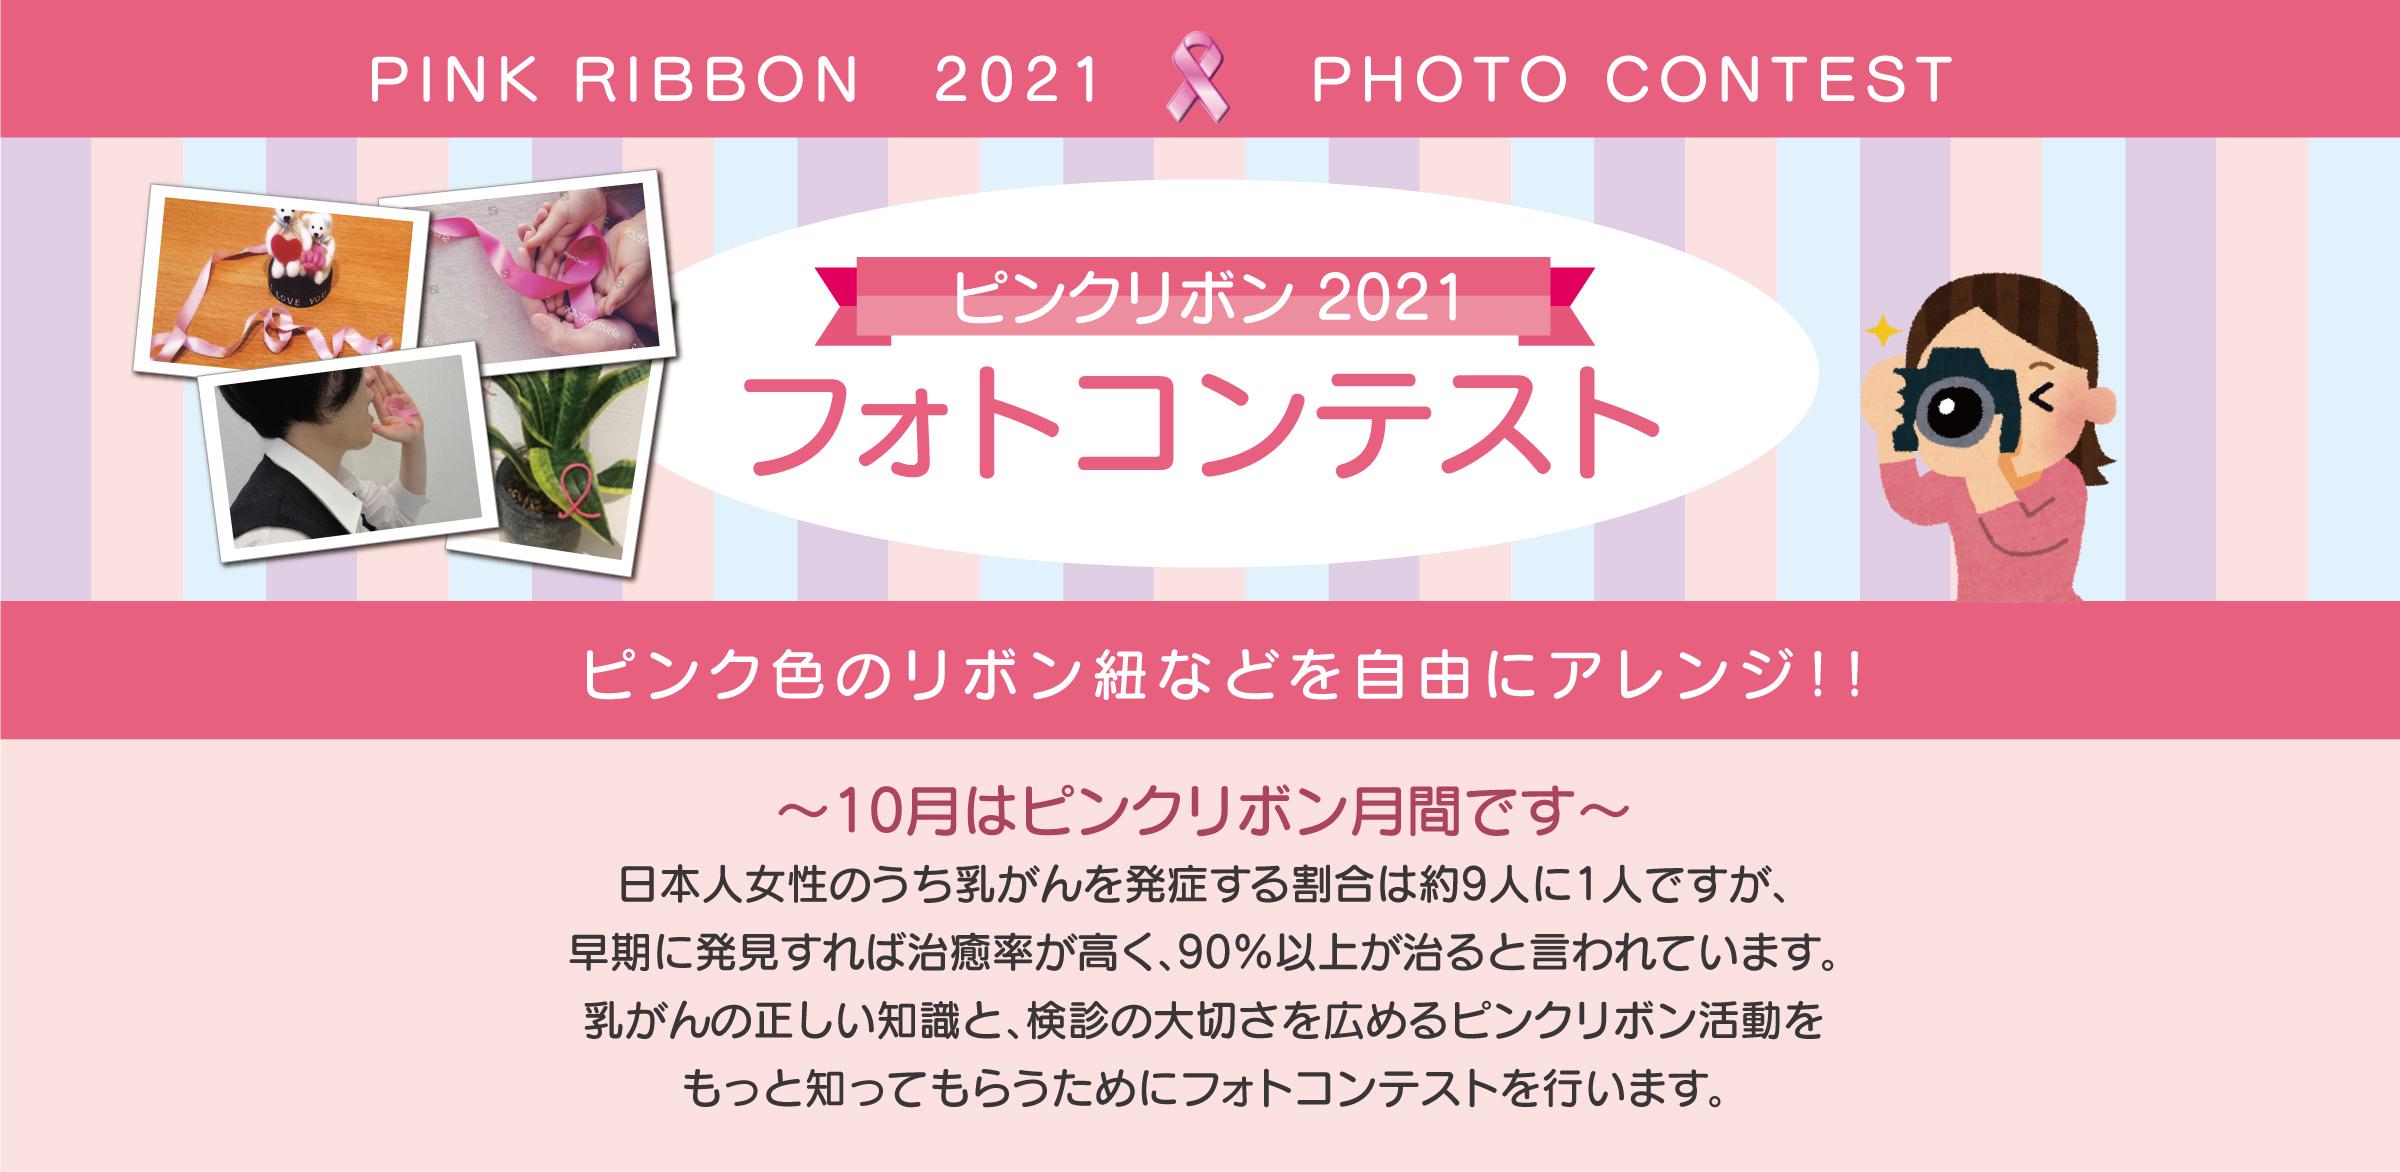 ピンクリボン2021 トップページ画像